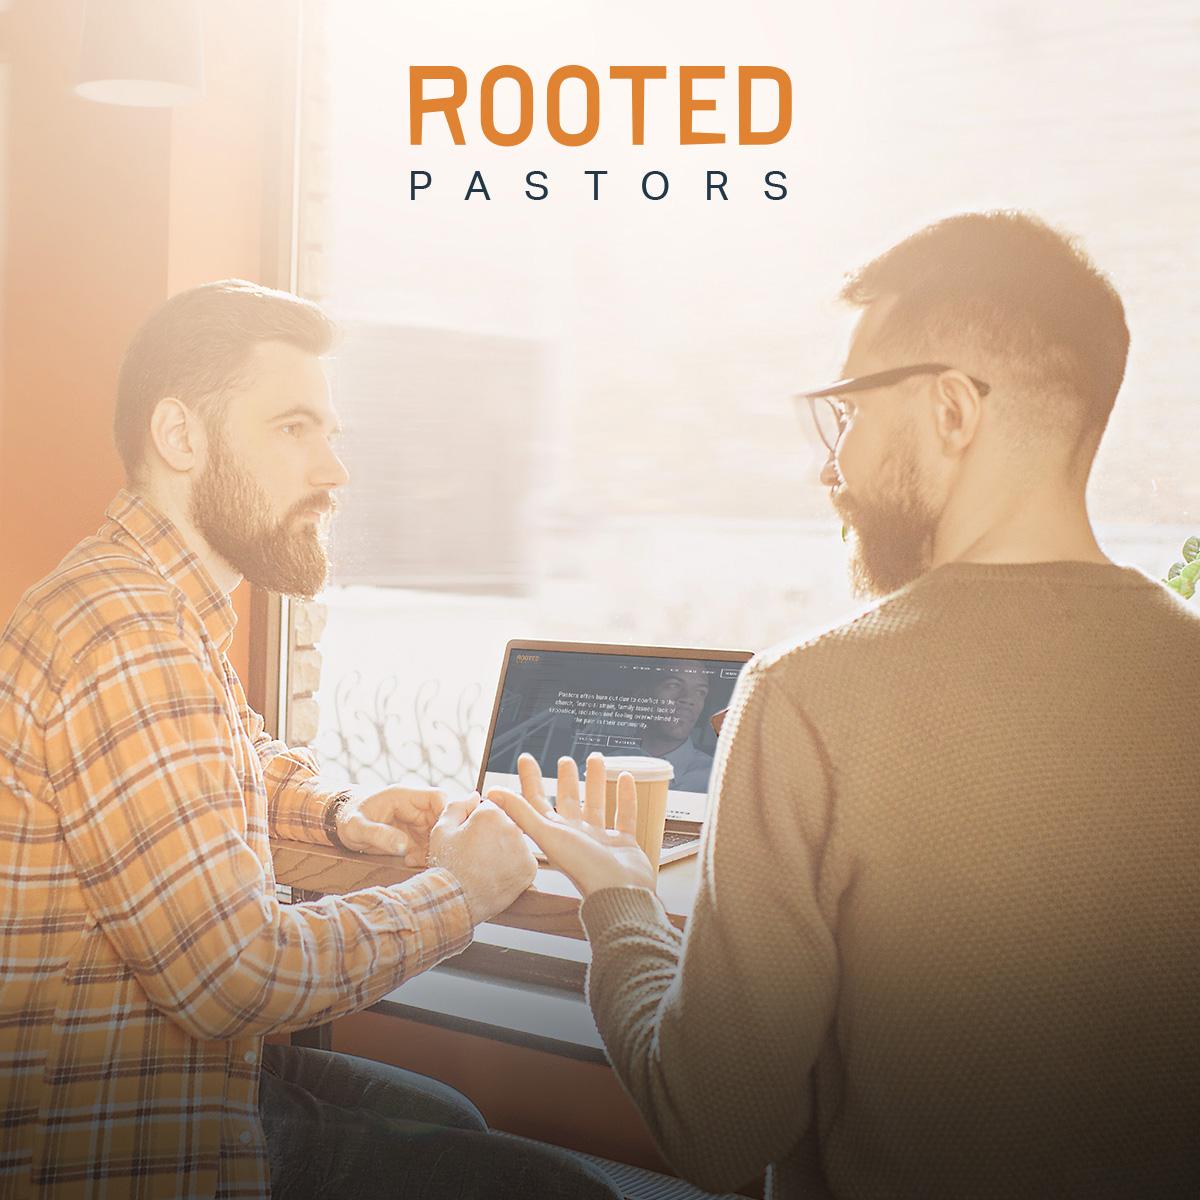 RootedPastorsNewC.jpg